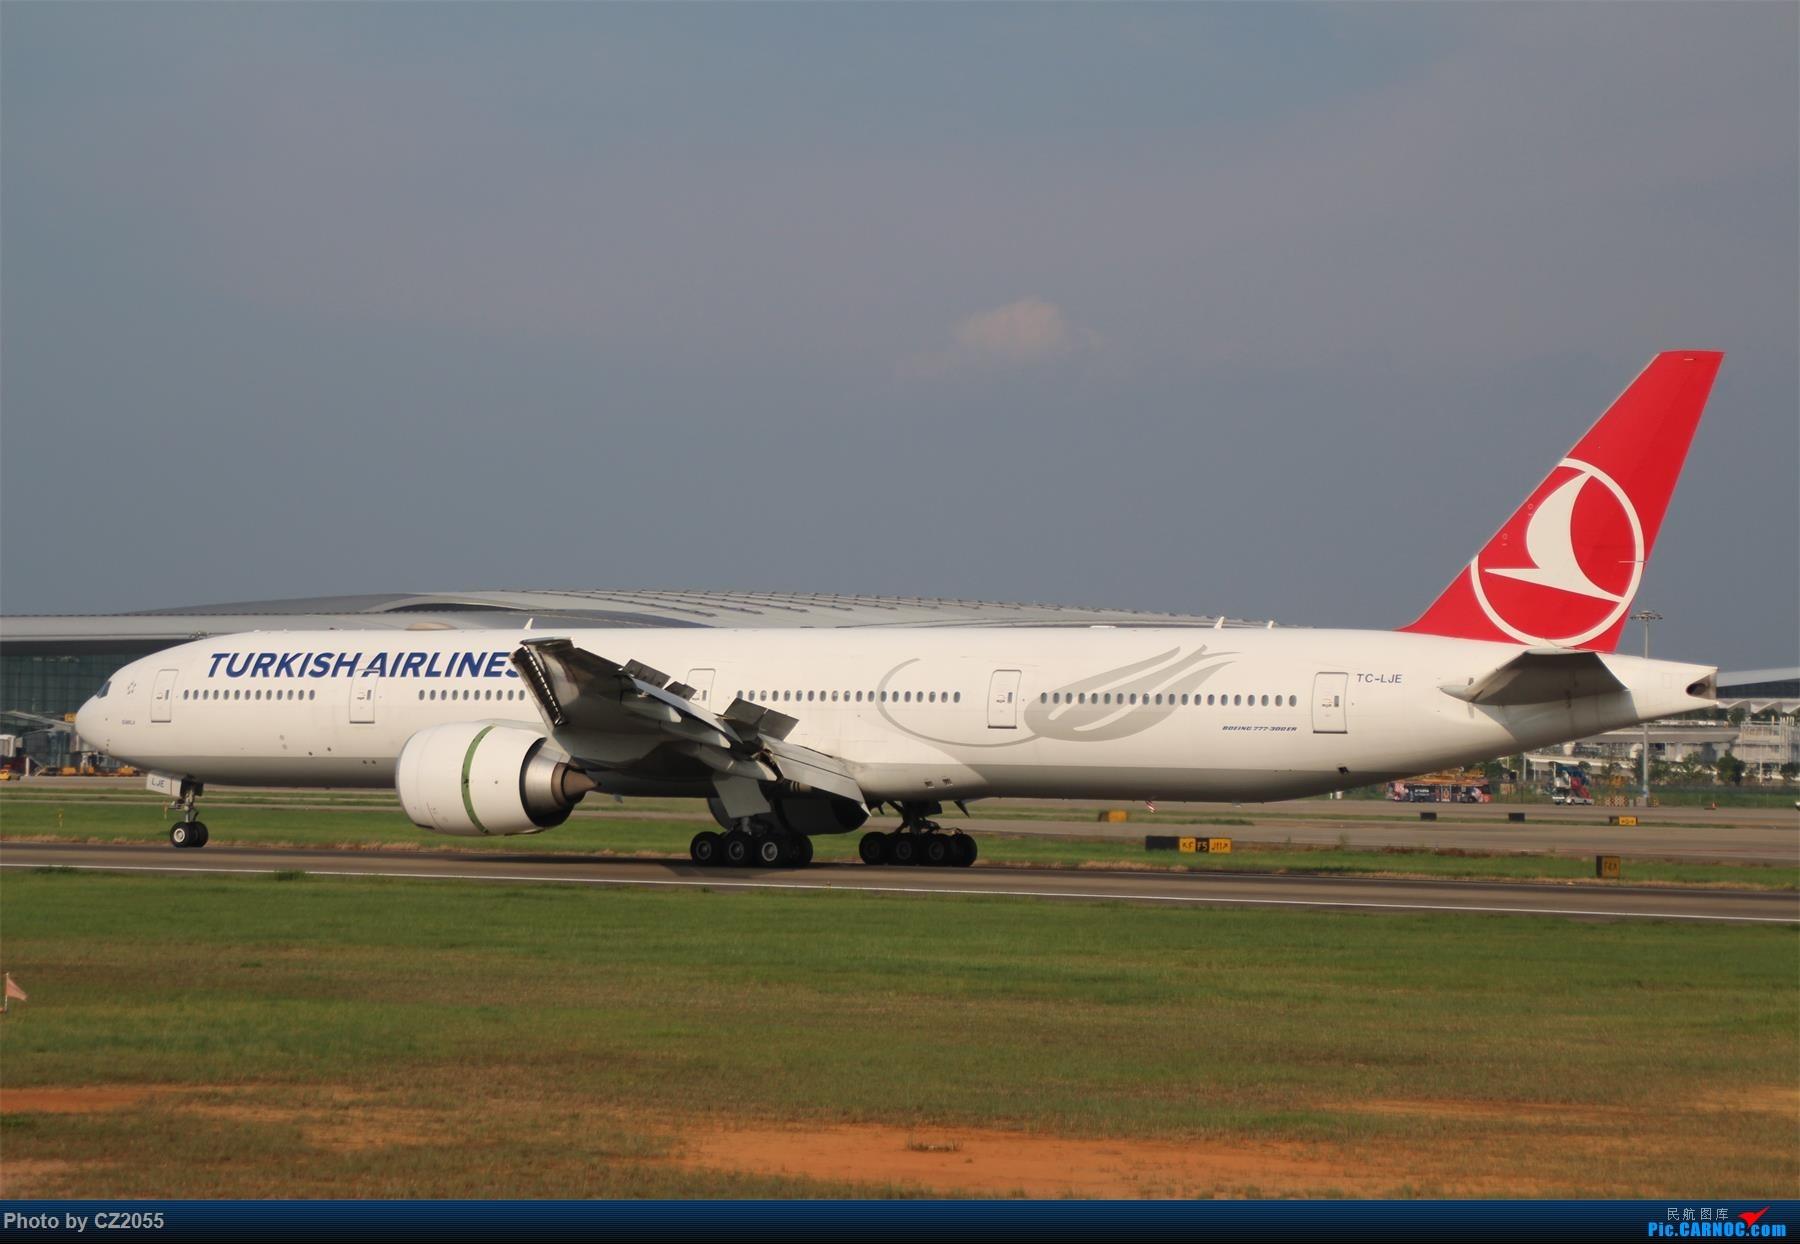 Re:[原创][原创]【CZ2055】【CAN】新镜头试镜。 BOEING 777-300ER TC-LJE 中国广州白云国际机场